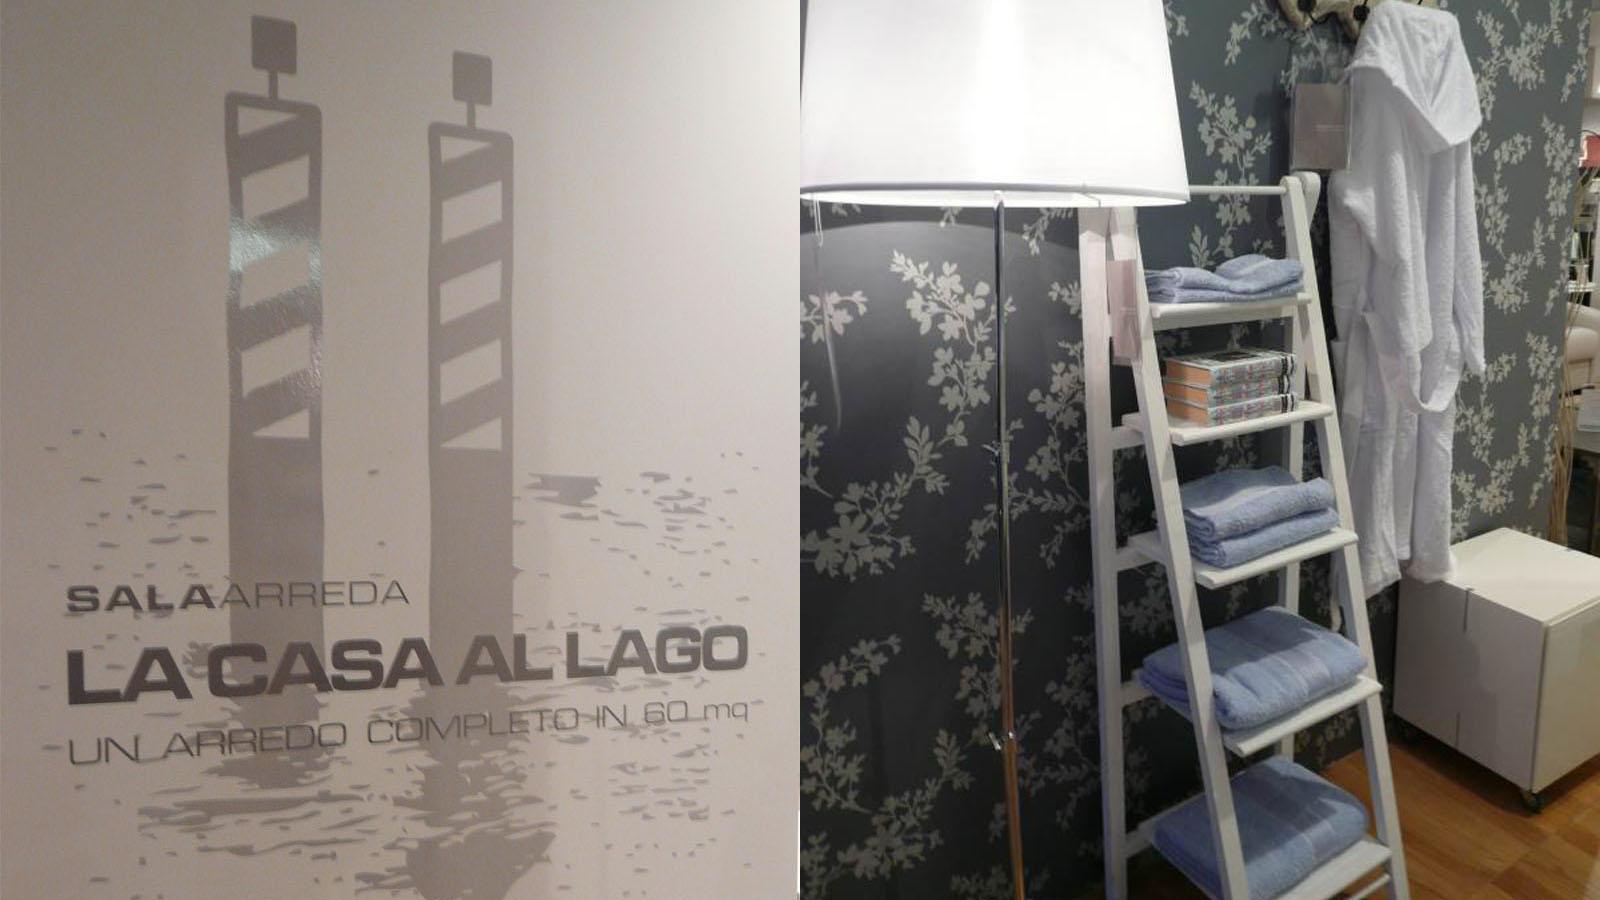 concept-store-sala-arreda-bagno